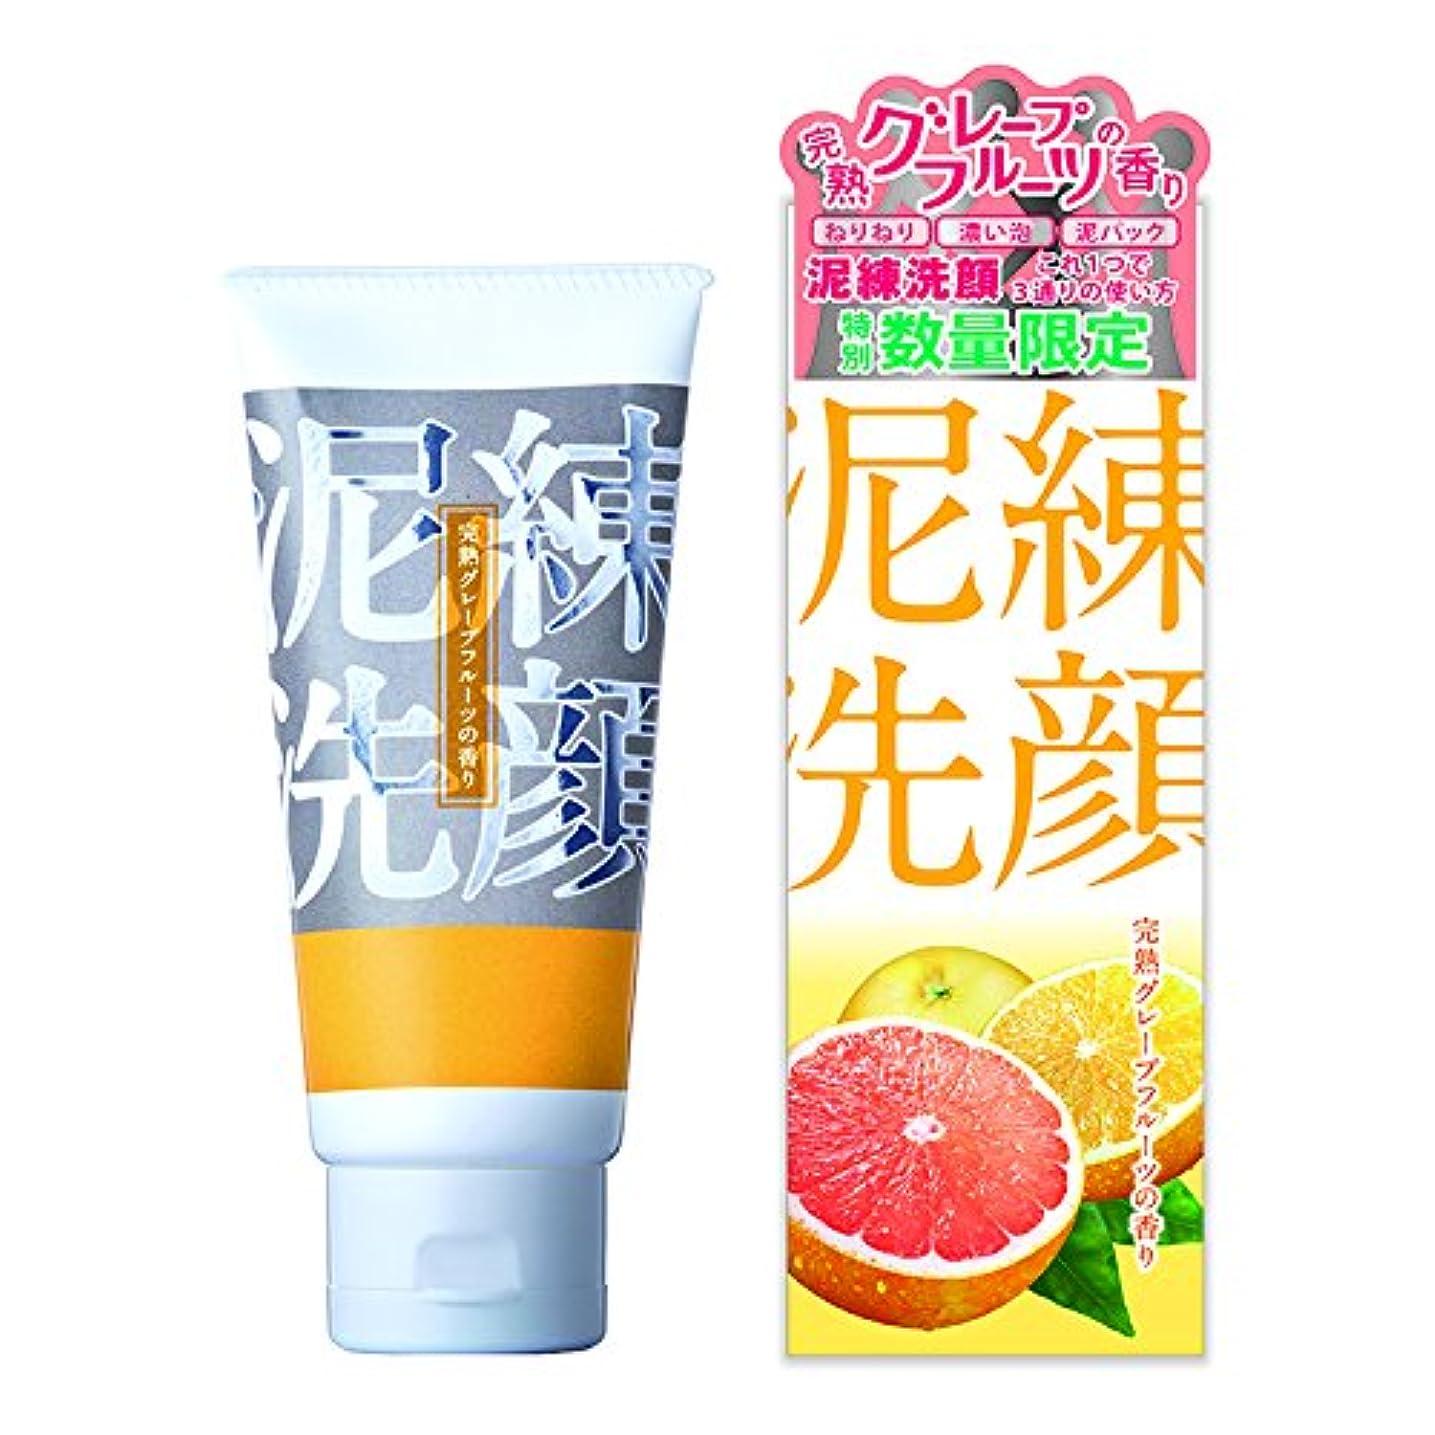 さらに最大化する神泥練洗顔 完熟グレープフルーツの香り 120g【泥 洗顔 6種の泥で 黒ずみ 毛穴 洗浄 3つの使い方】